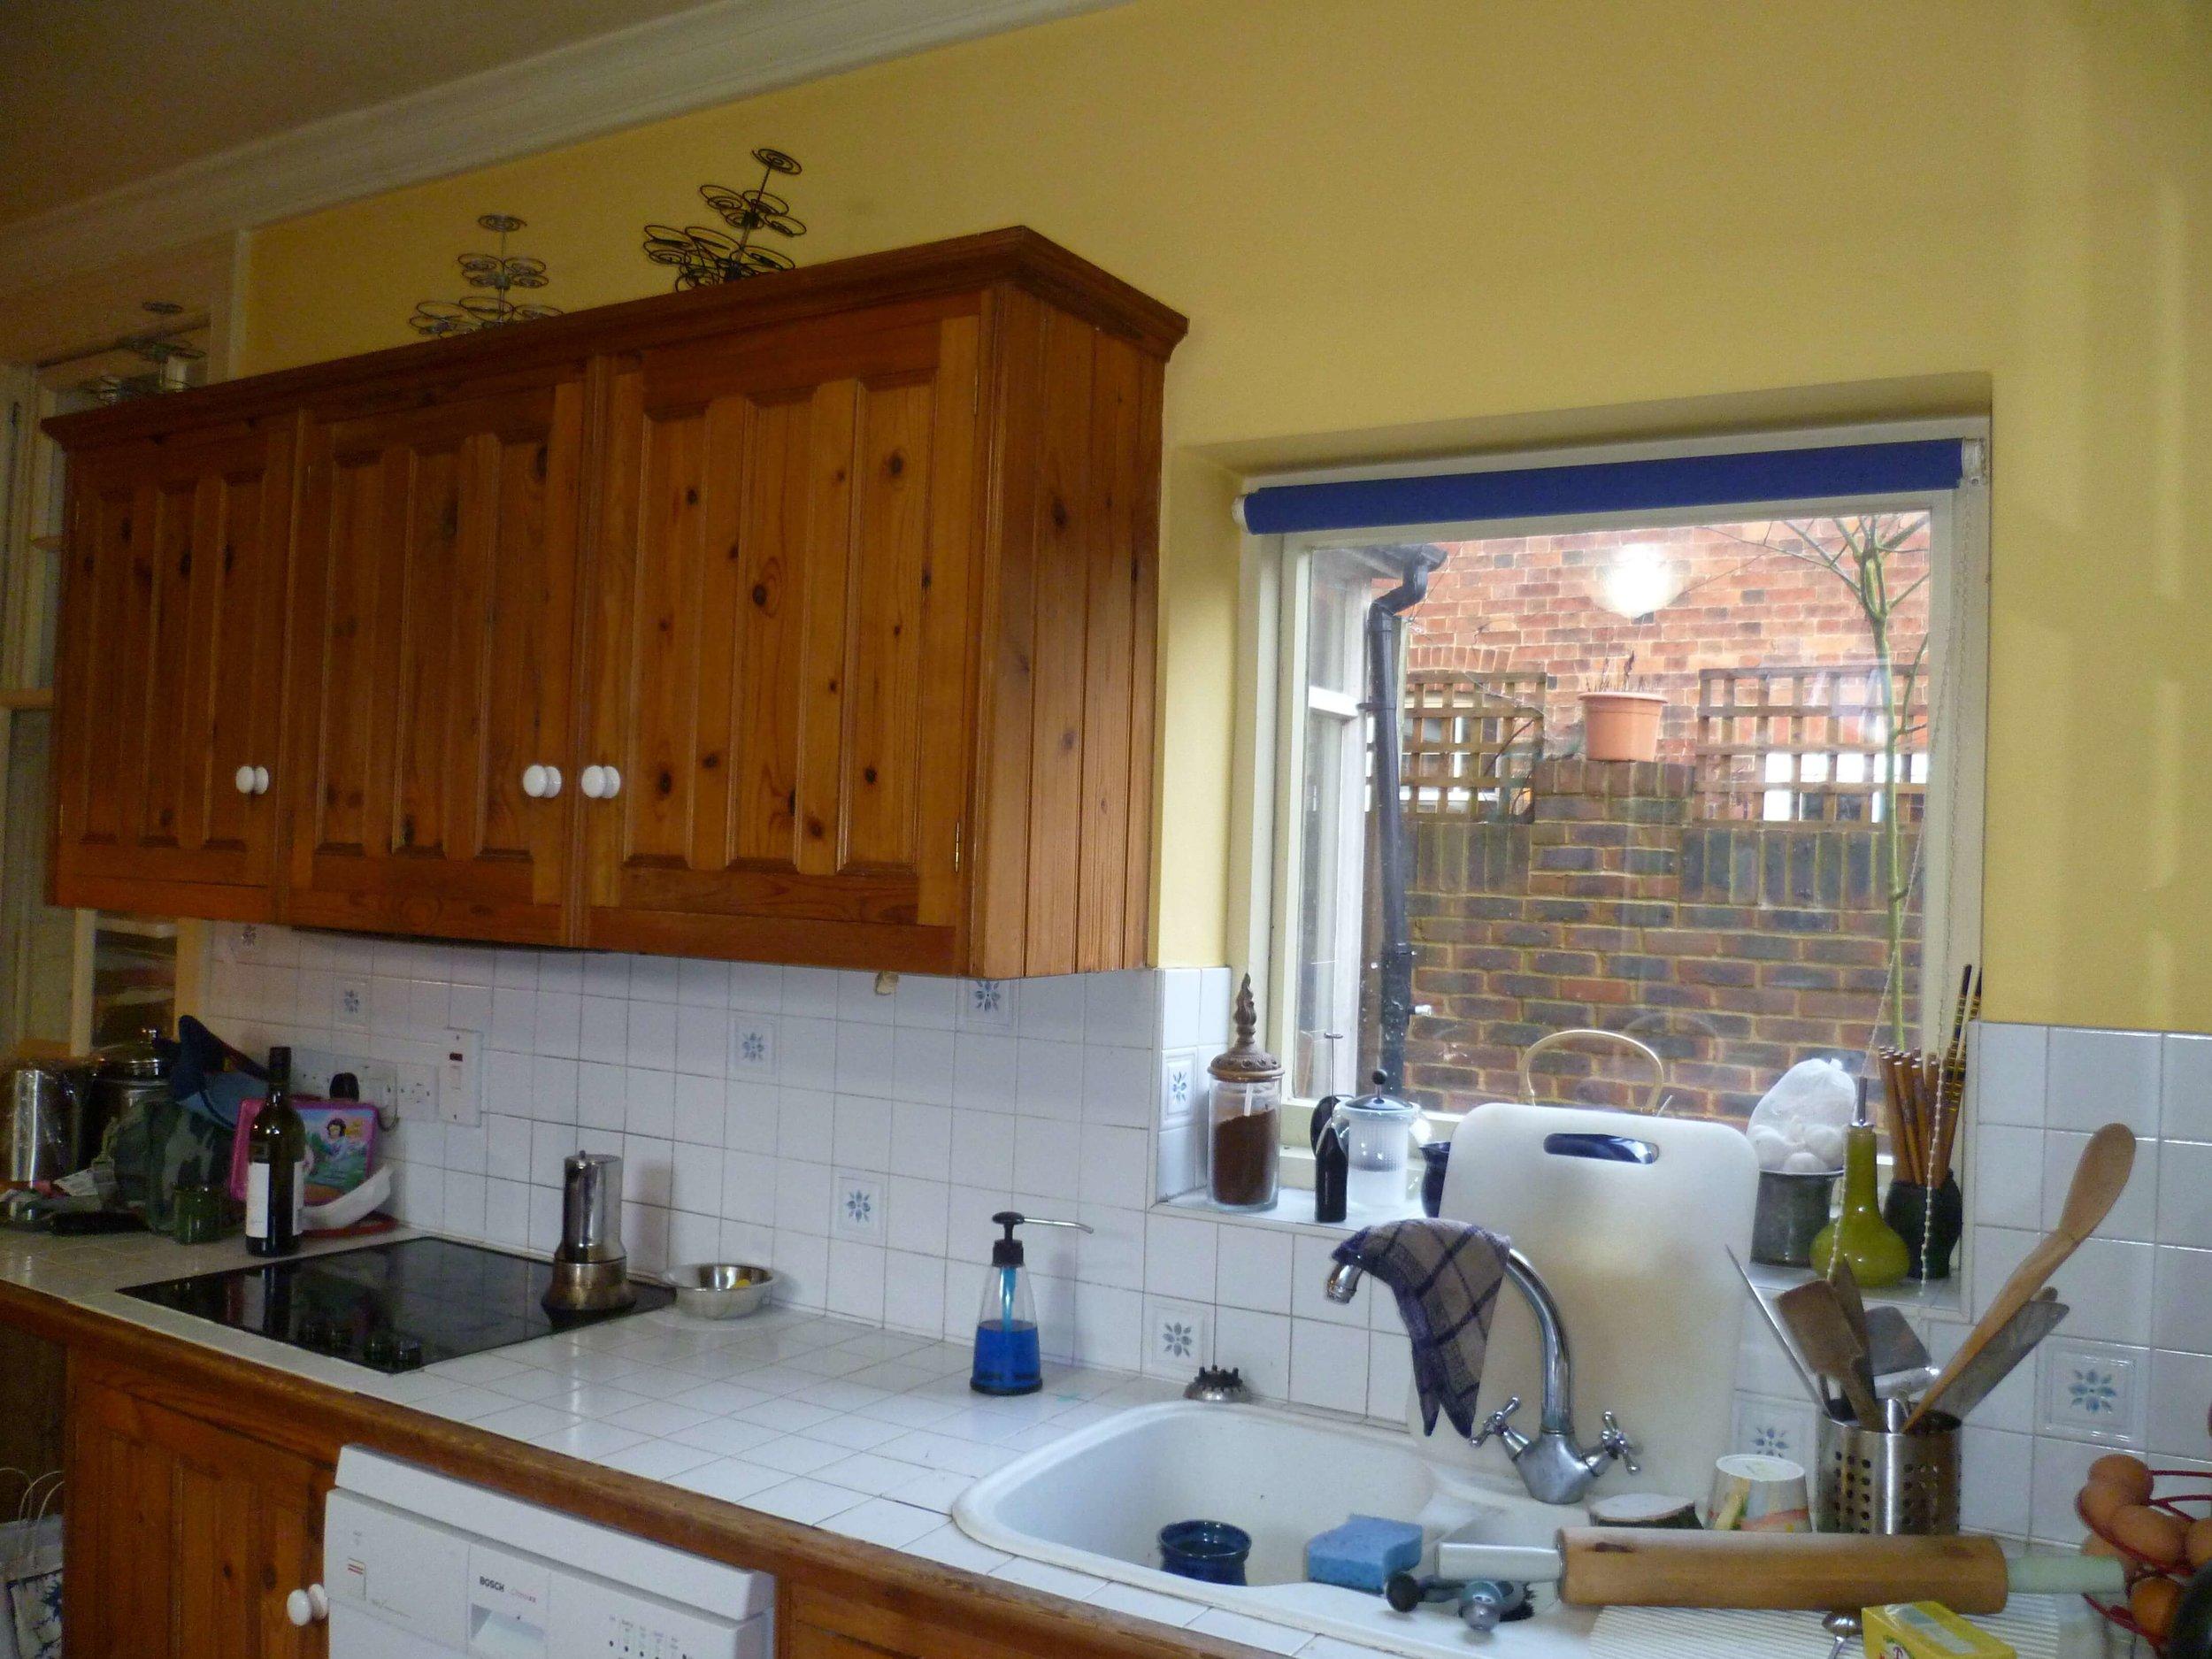 kitchen dishwasher_window.jpg